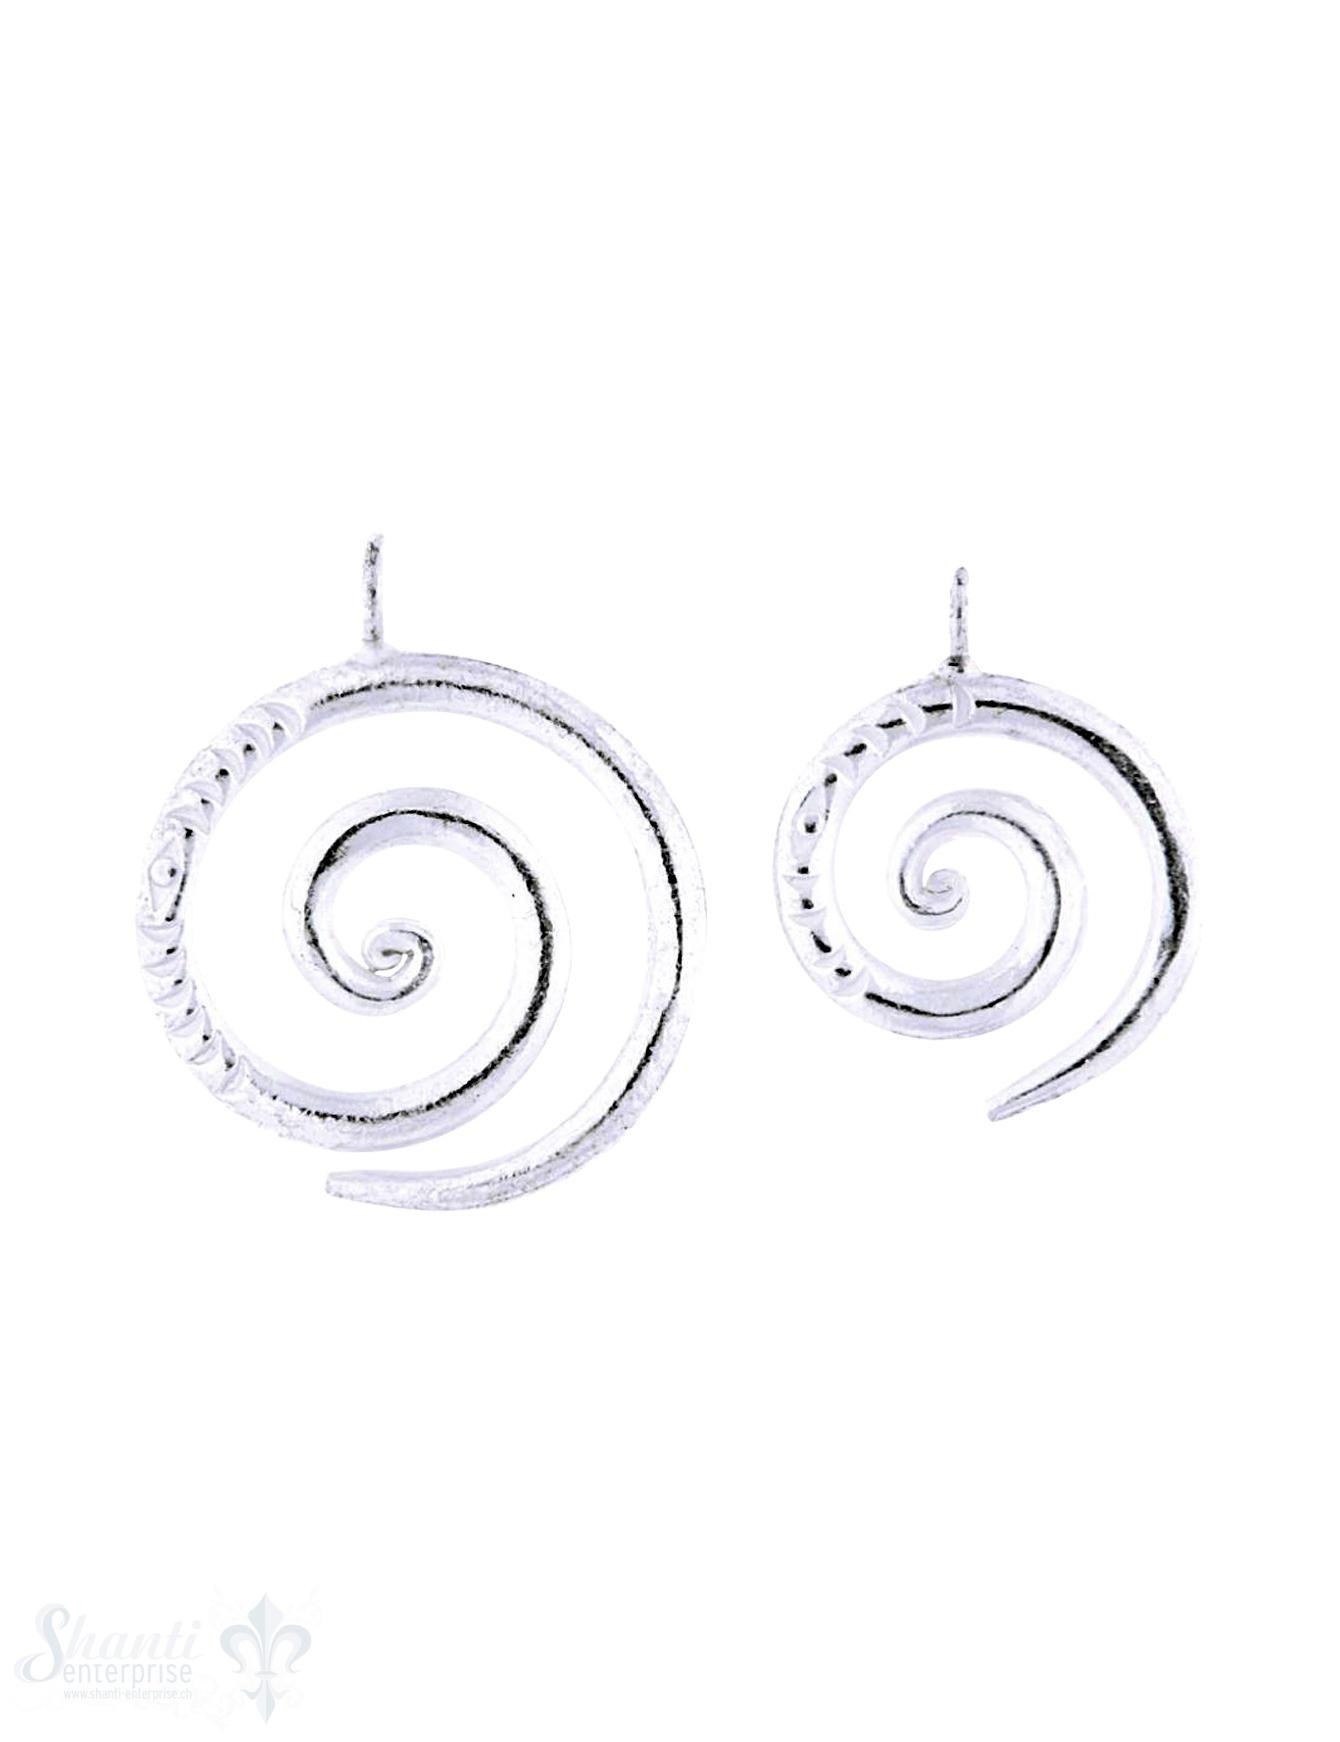 Anhänger Silber Spirale verziert Dicke 3 mm Öse fix